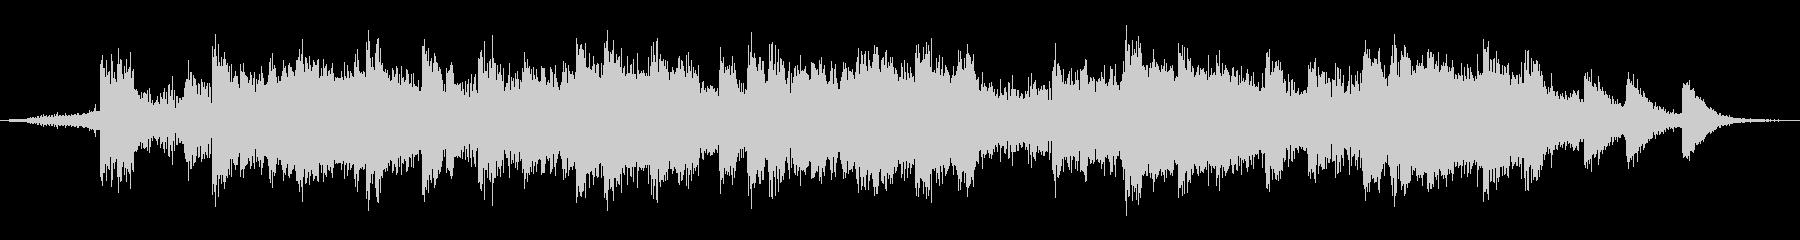 戦場イメージの効果音(タイプD)の未再生の波形